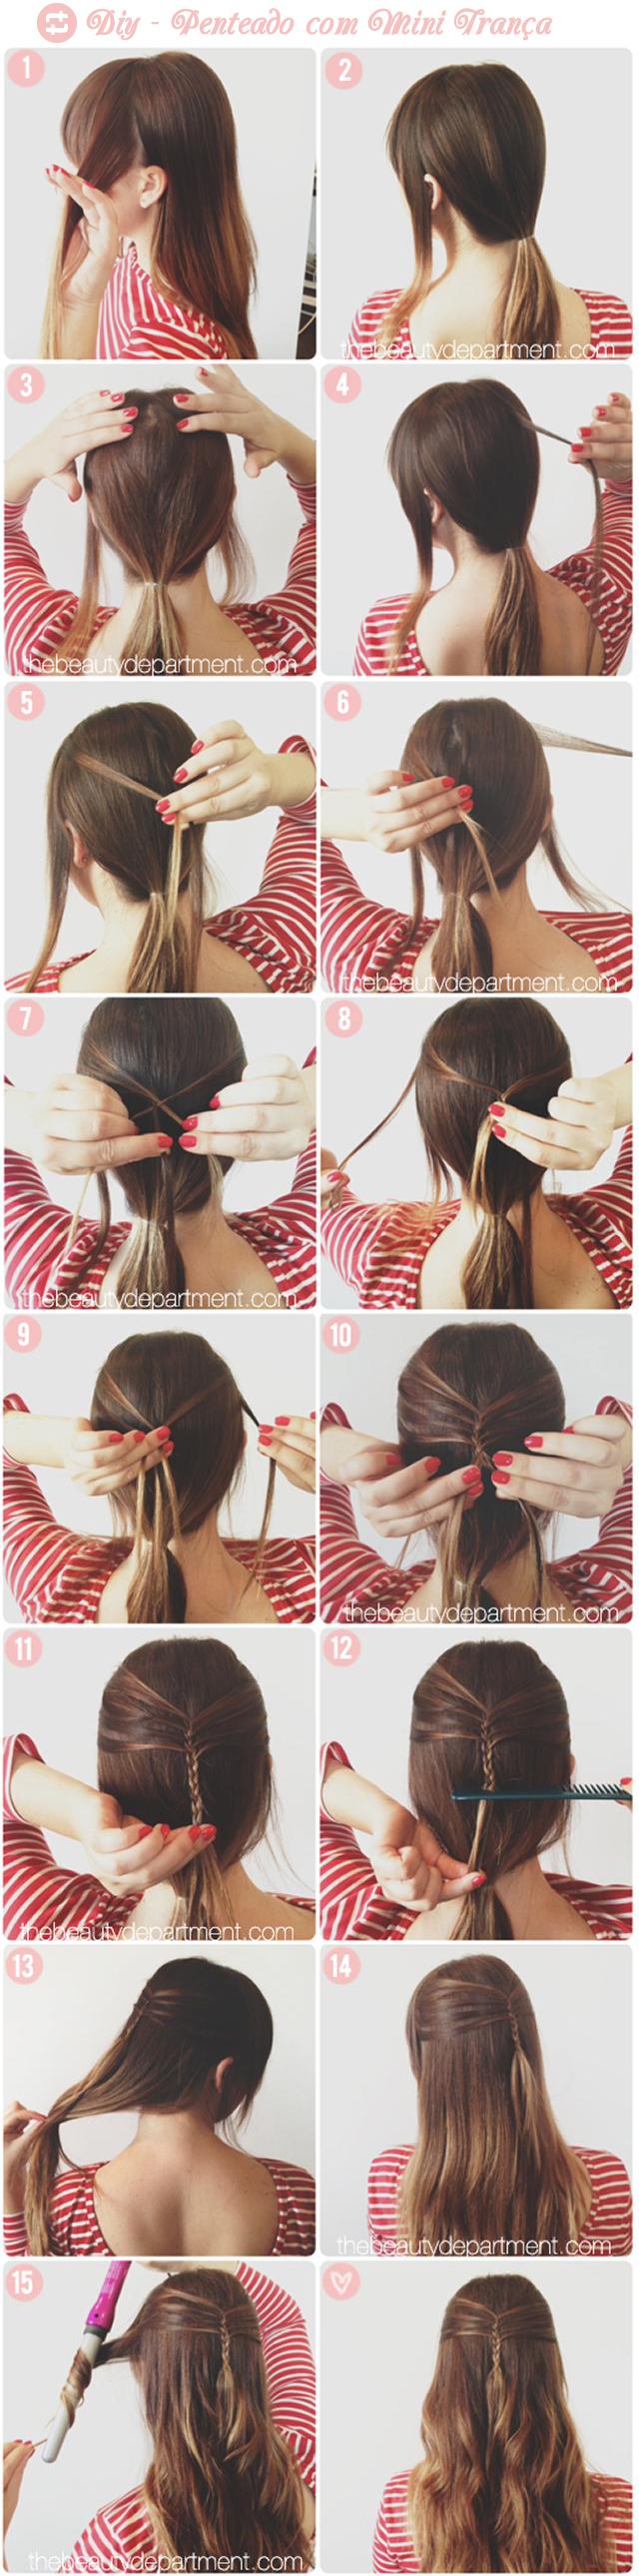 penteados-tranças-7